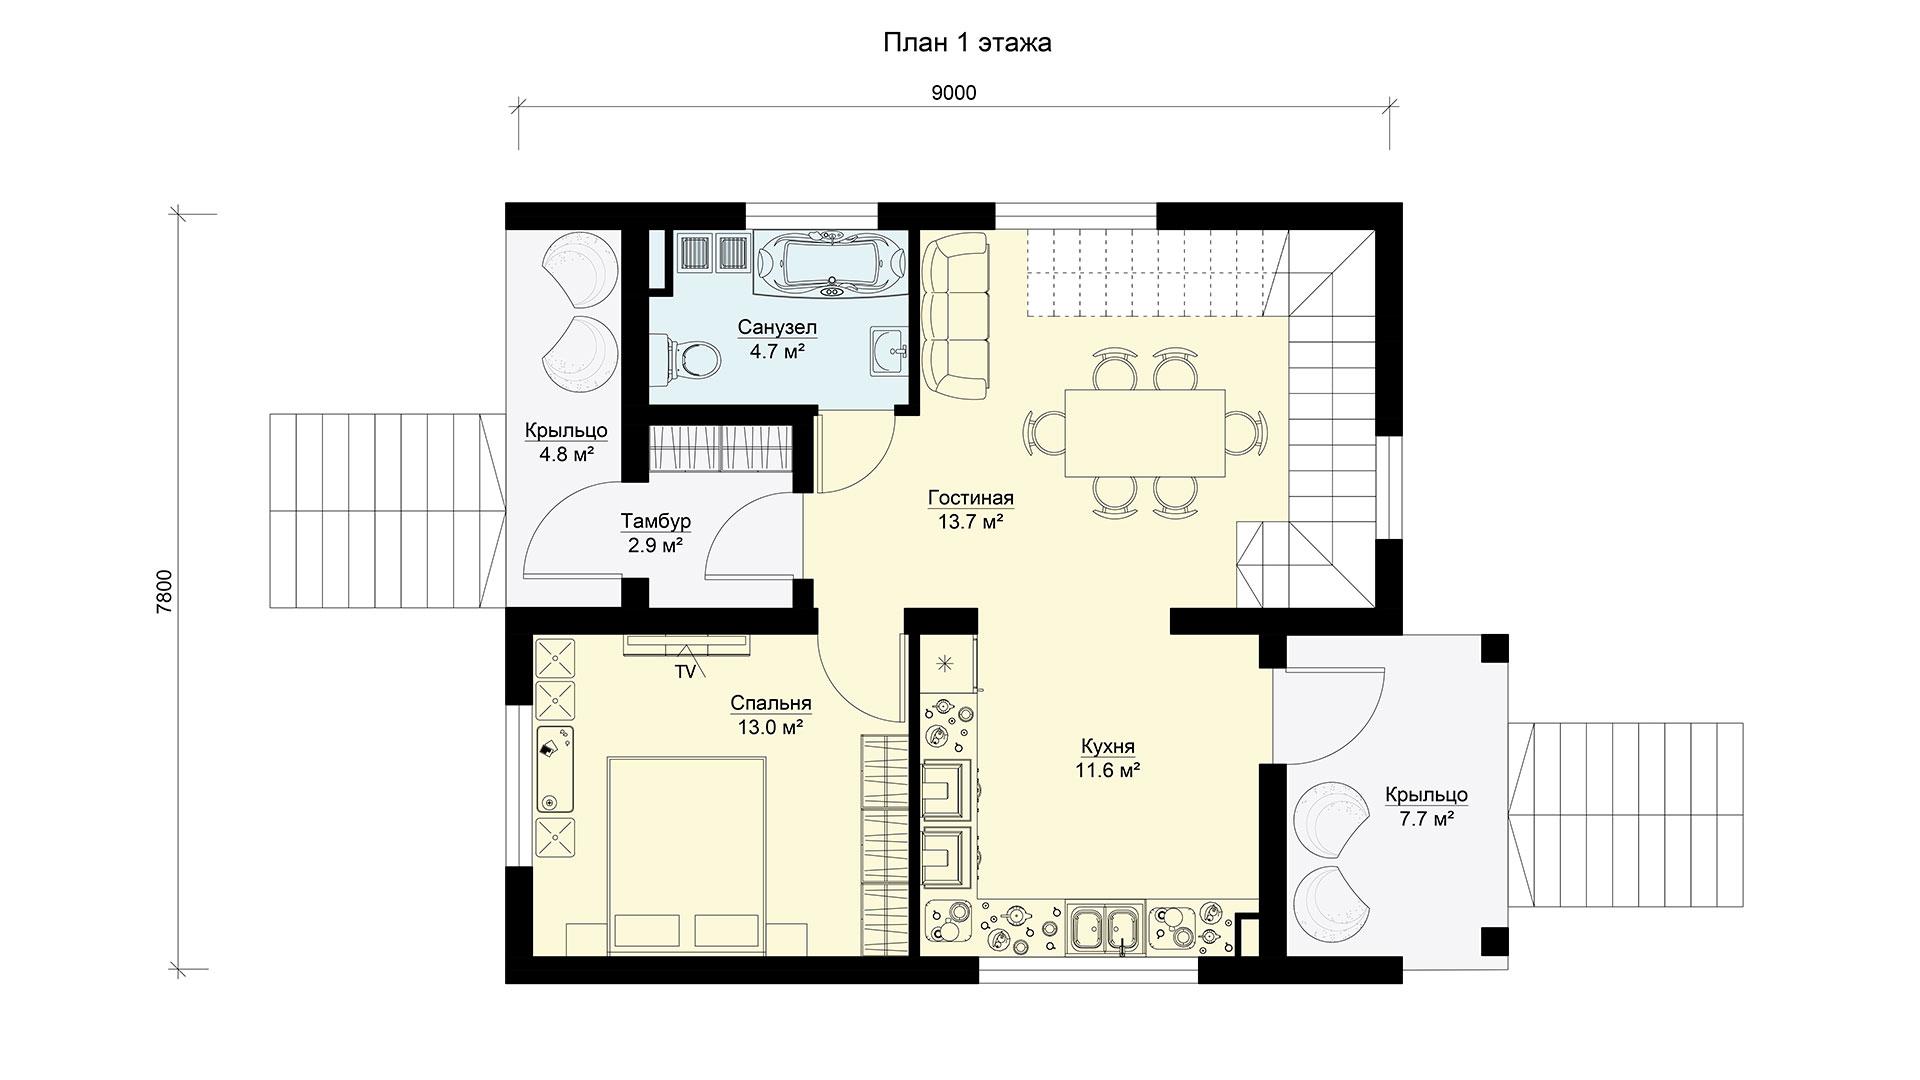 План первого этажа двухэтажного коттеджа БЭНПАН, проект БП-171.